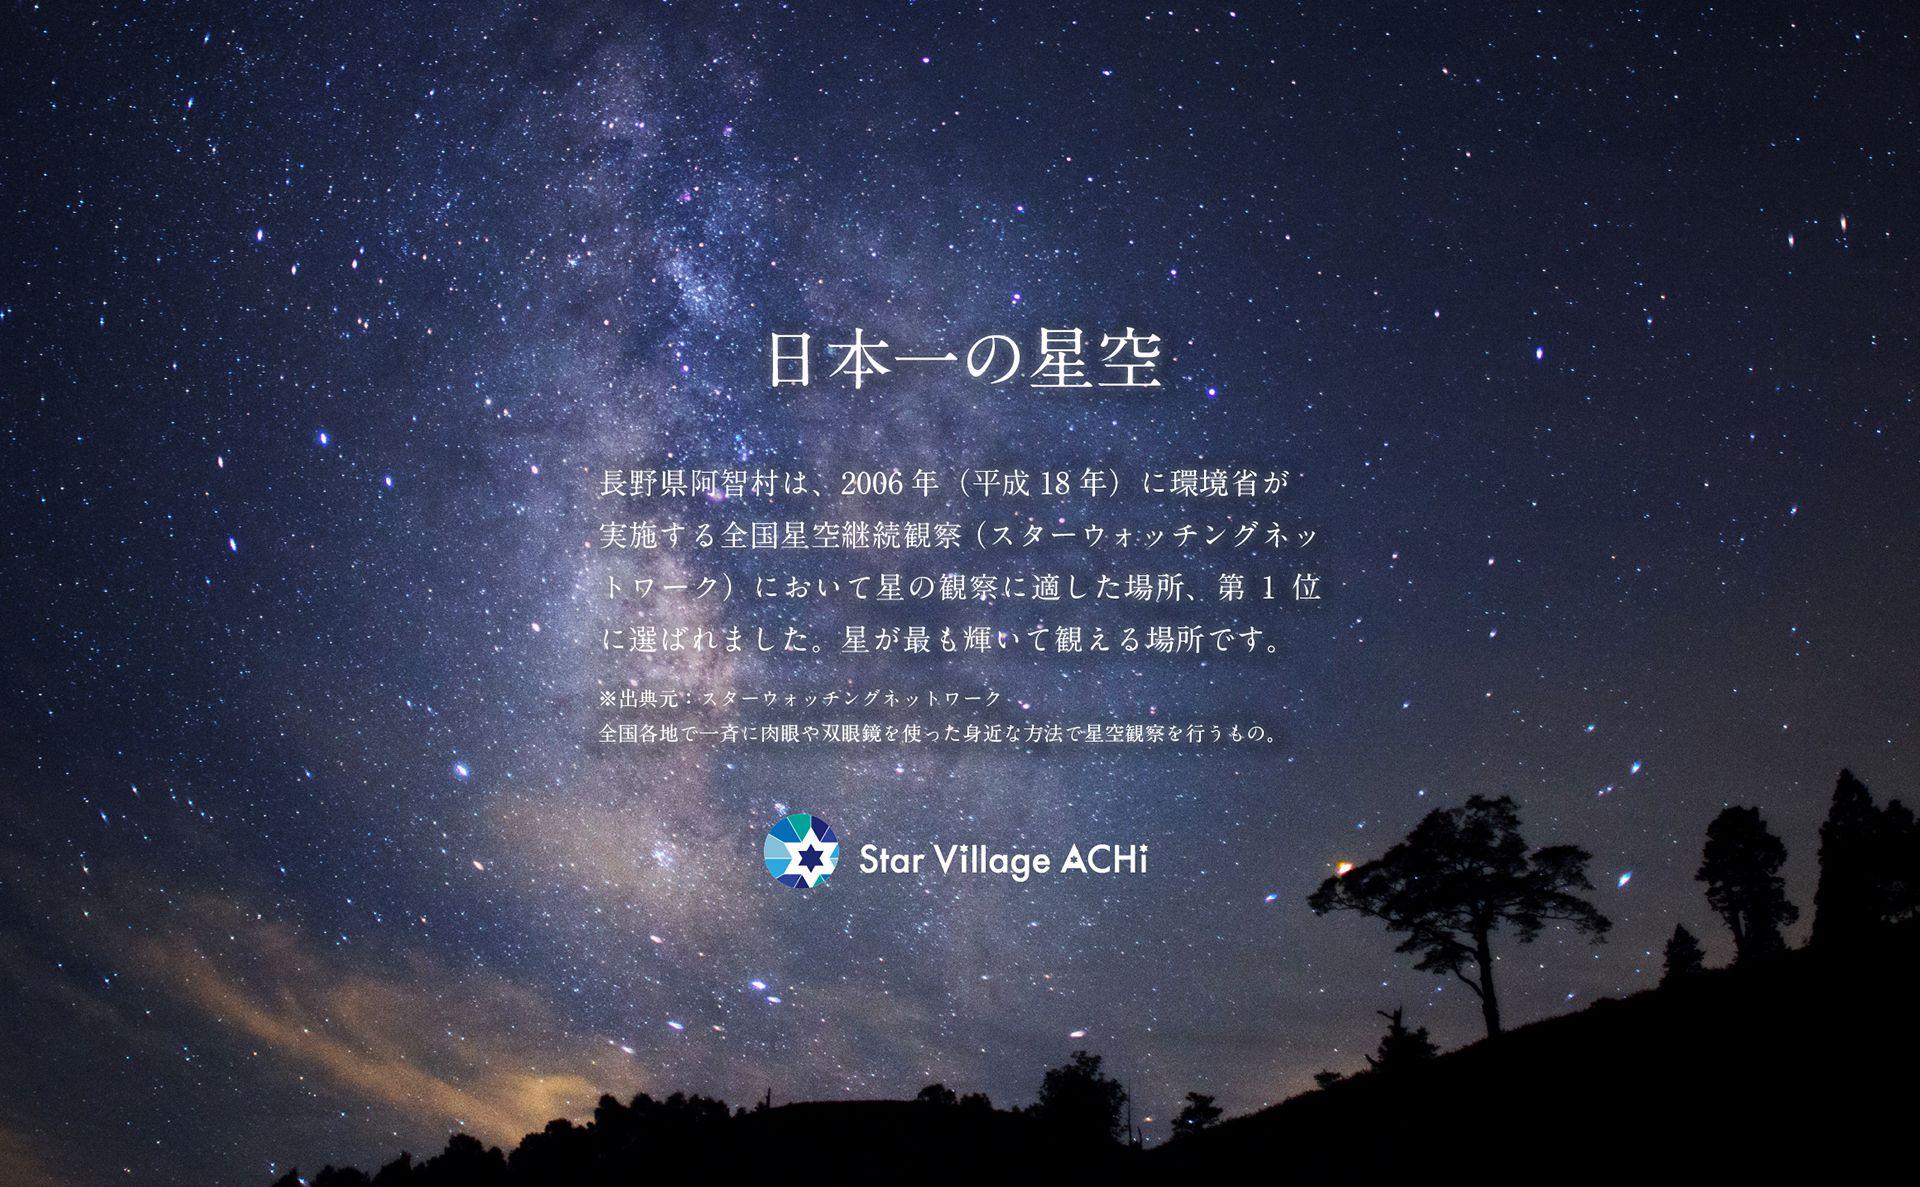 日本一の星空阿智村